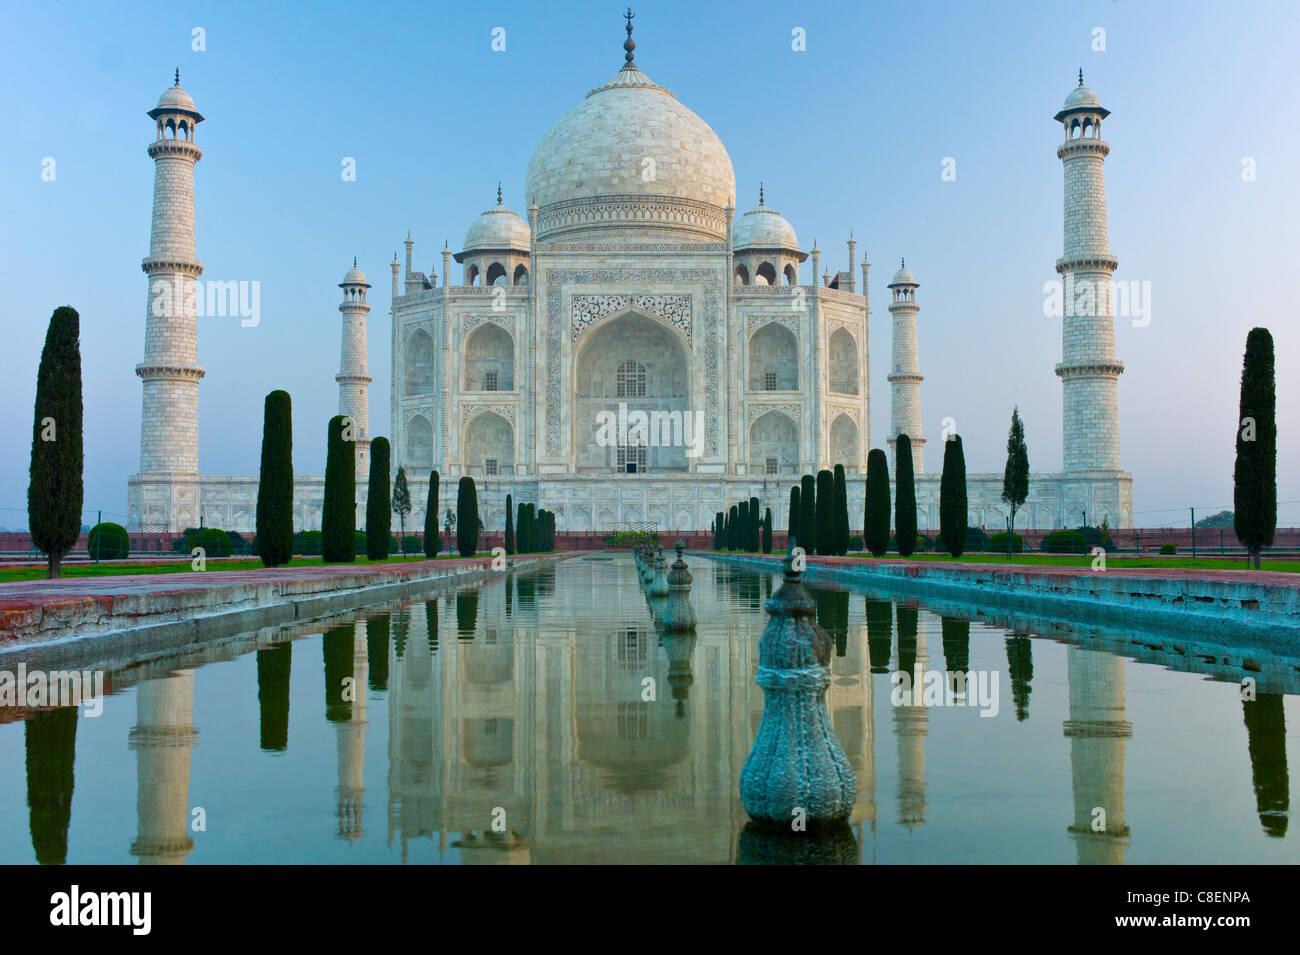 Das Taj Mahal Mausoleum Südansicht mit reflektierenden Pool und Zypresse Bäume, Uttar Pradesh, Indien Stockbild